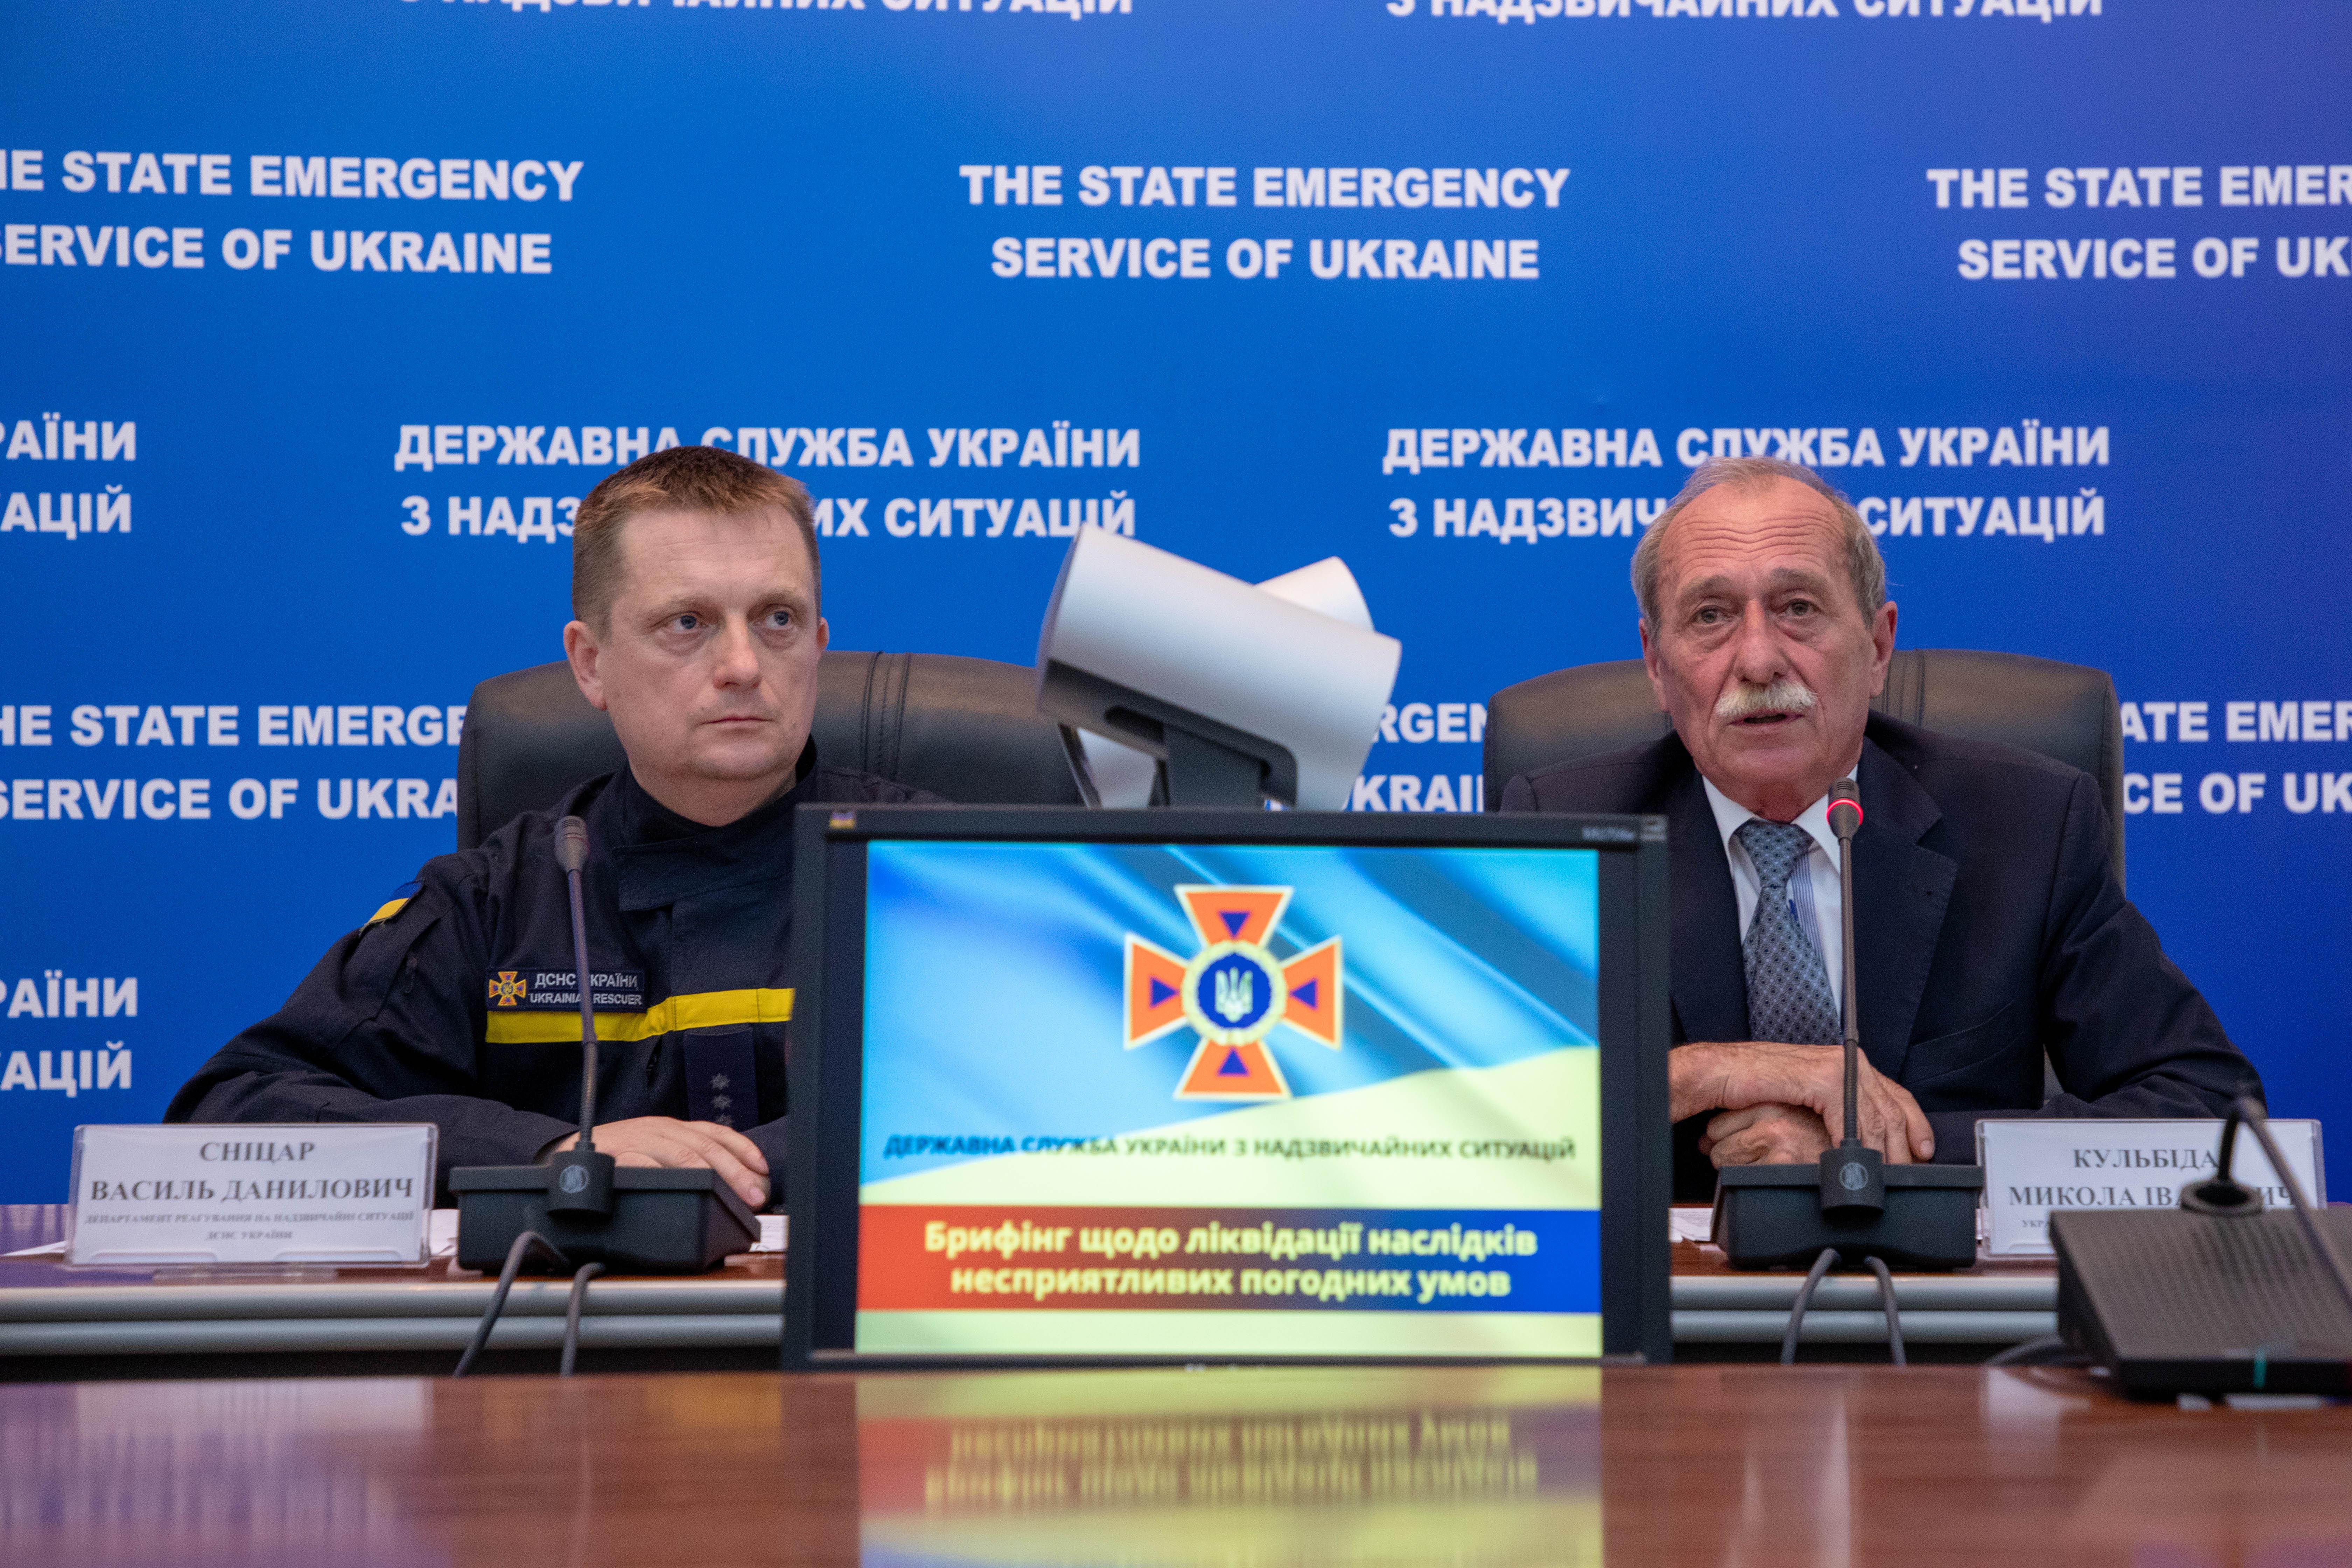 Ситуація нормалізується, – рятувальники і синоптики про негоду в області